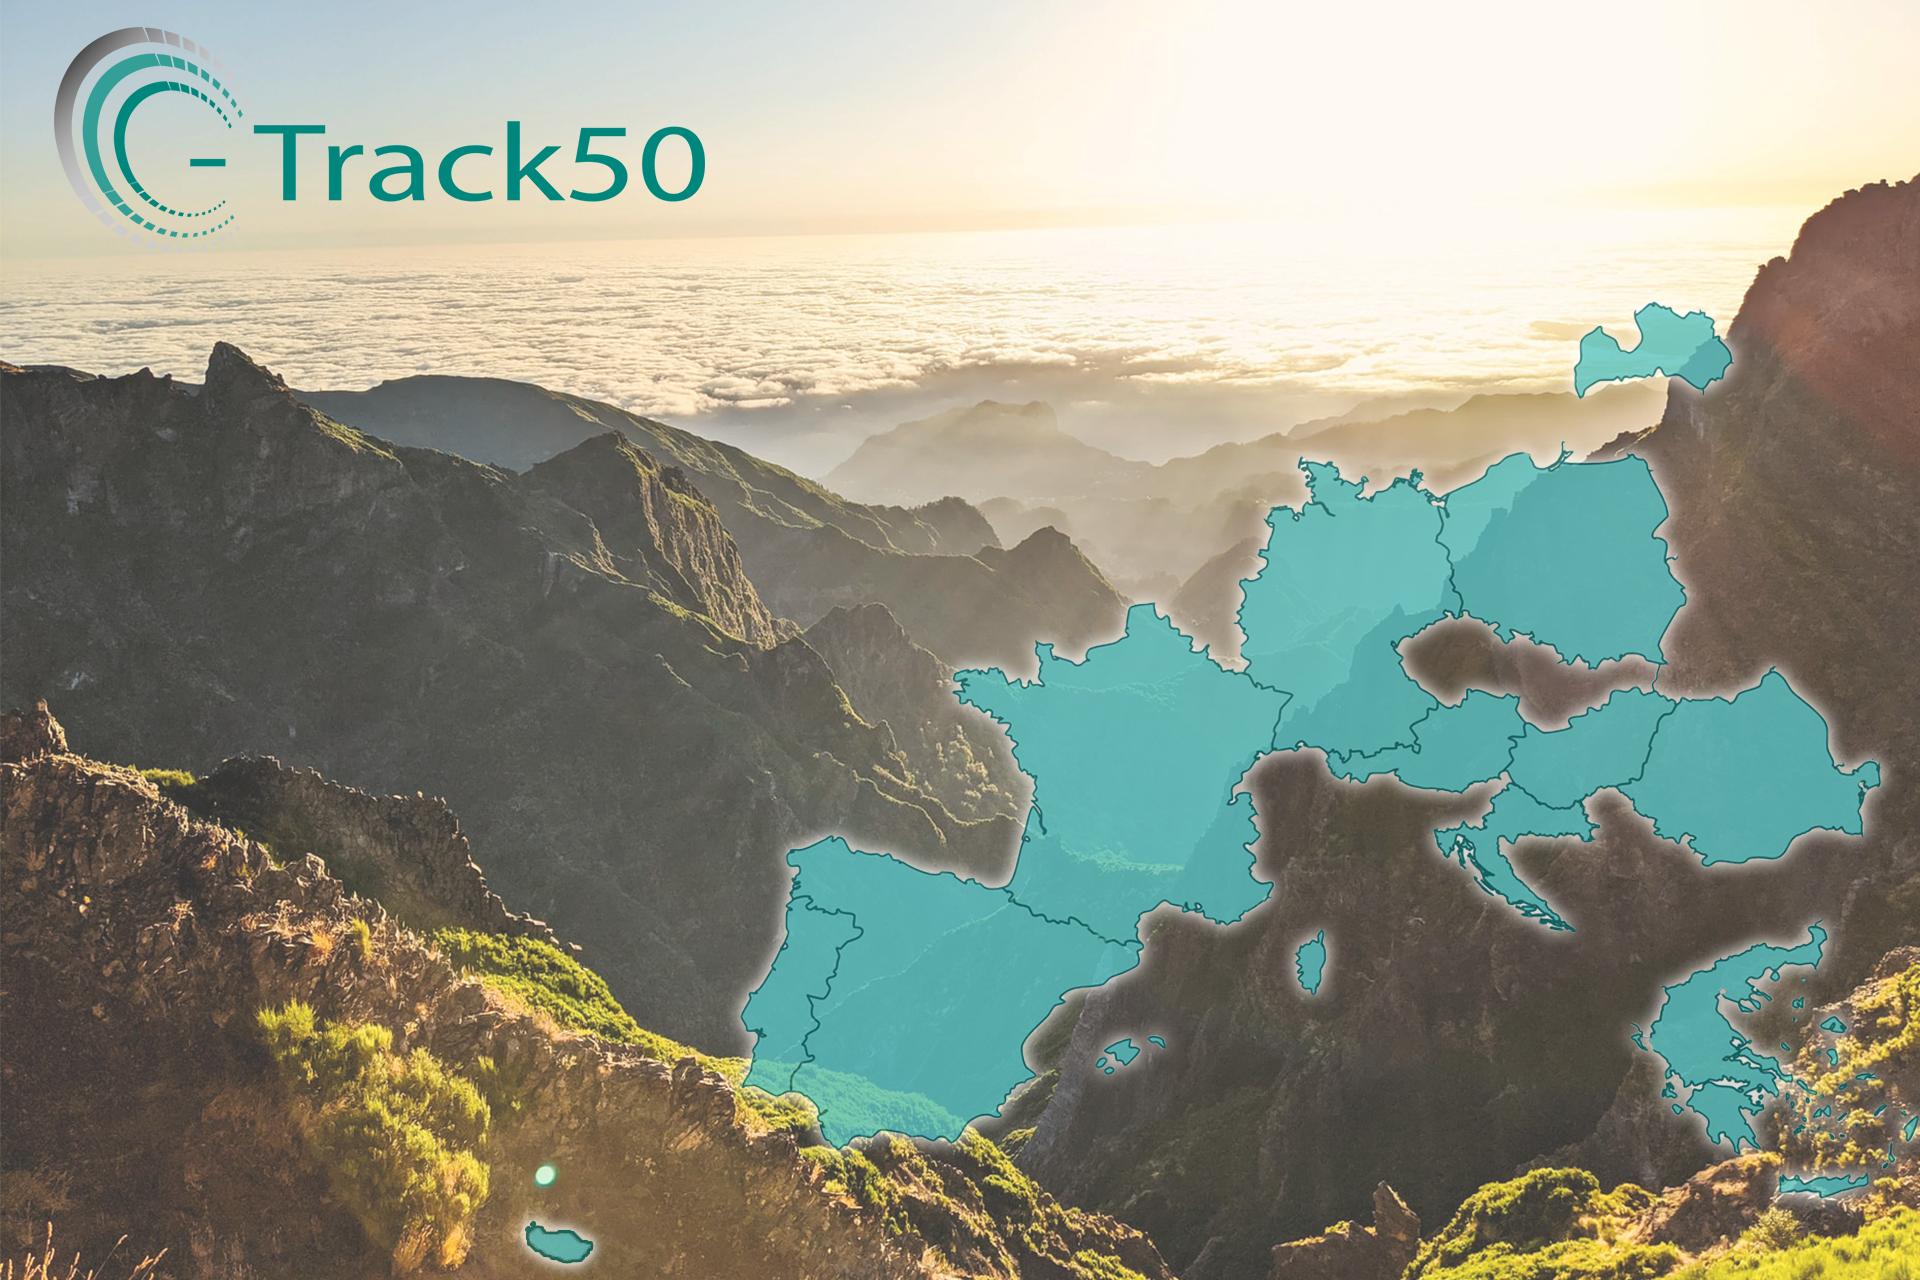 107 municipios y 11 regiones de la UE en camino hacia la neutralidad de carbono gracias al proyecto C-Track 50